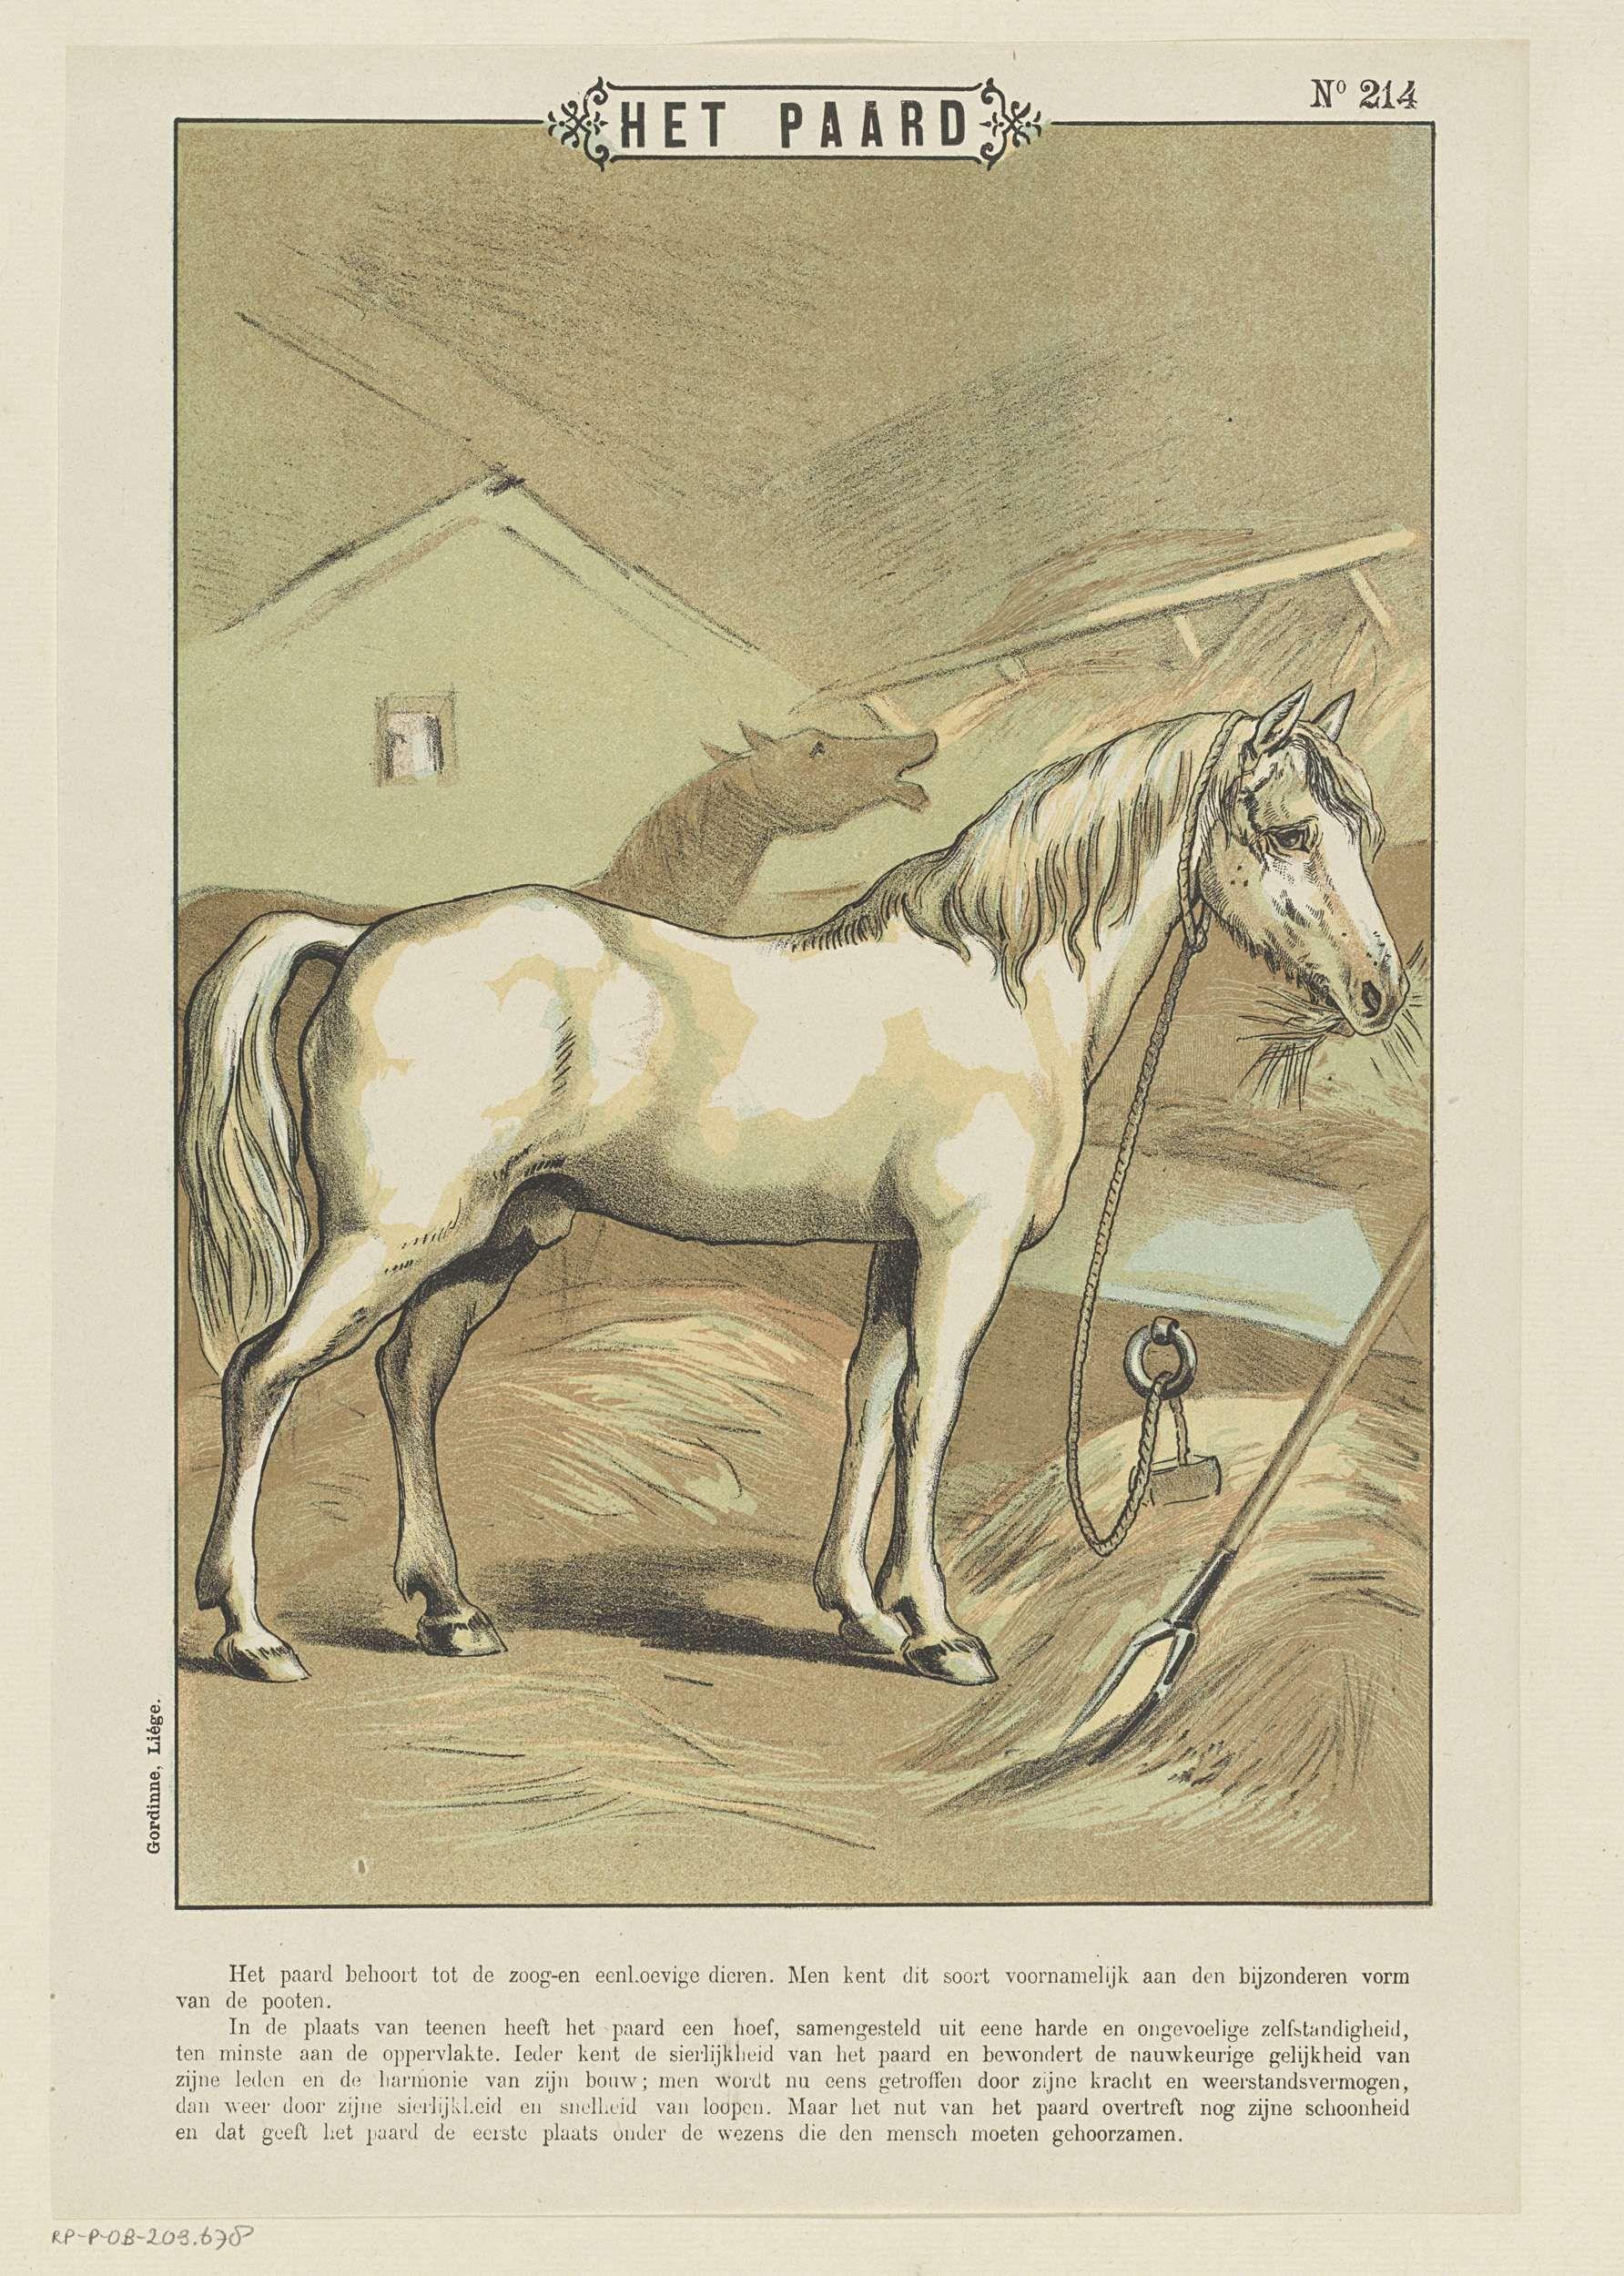 Gordinne | Het paard, Gordinne, Anonymous, 1894 - 1959 | Blad met een grote voorstelling van twee paarden in een stal. In de ondermarge een onderschrift. Genummerd rechtsboven: No 214.